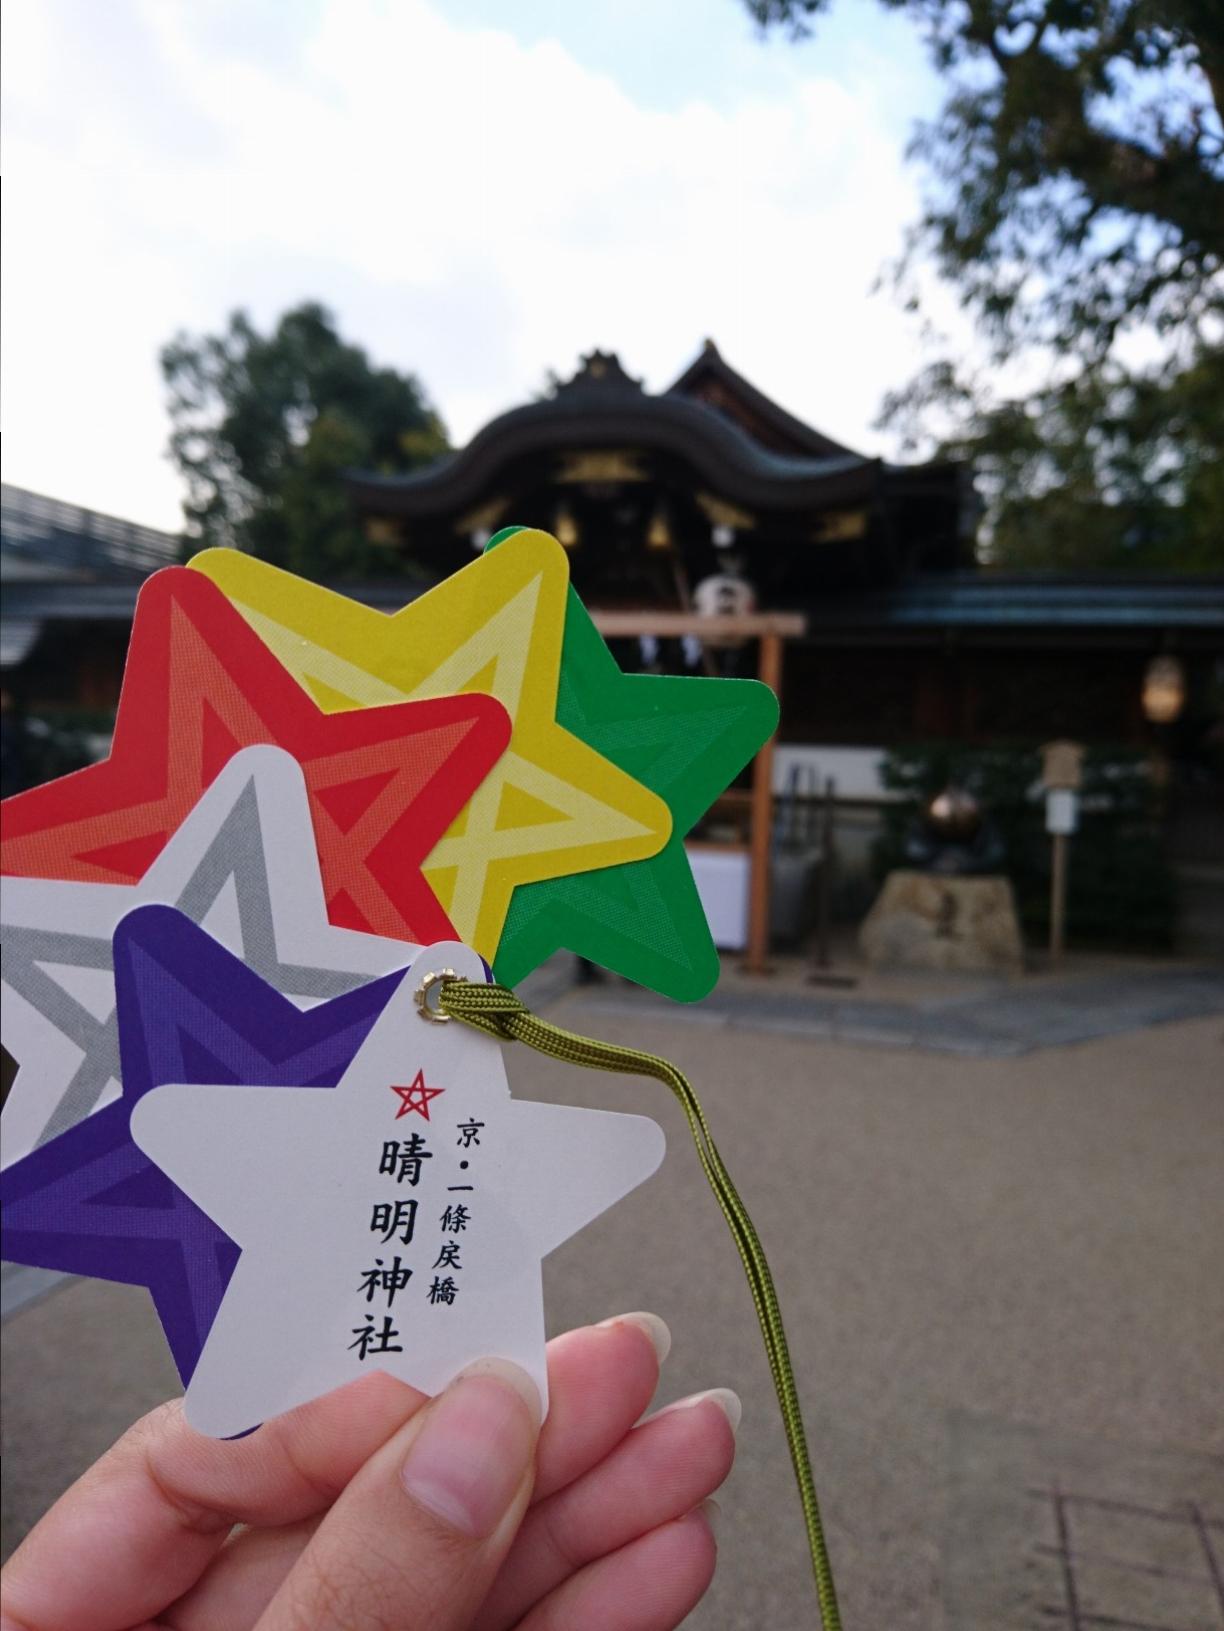 京都女子旅特集《2019年版》- 旅する女子がおすすめする、インスタ映えスポットやカフェ、レンタル着物は?_43